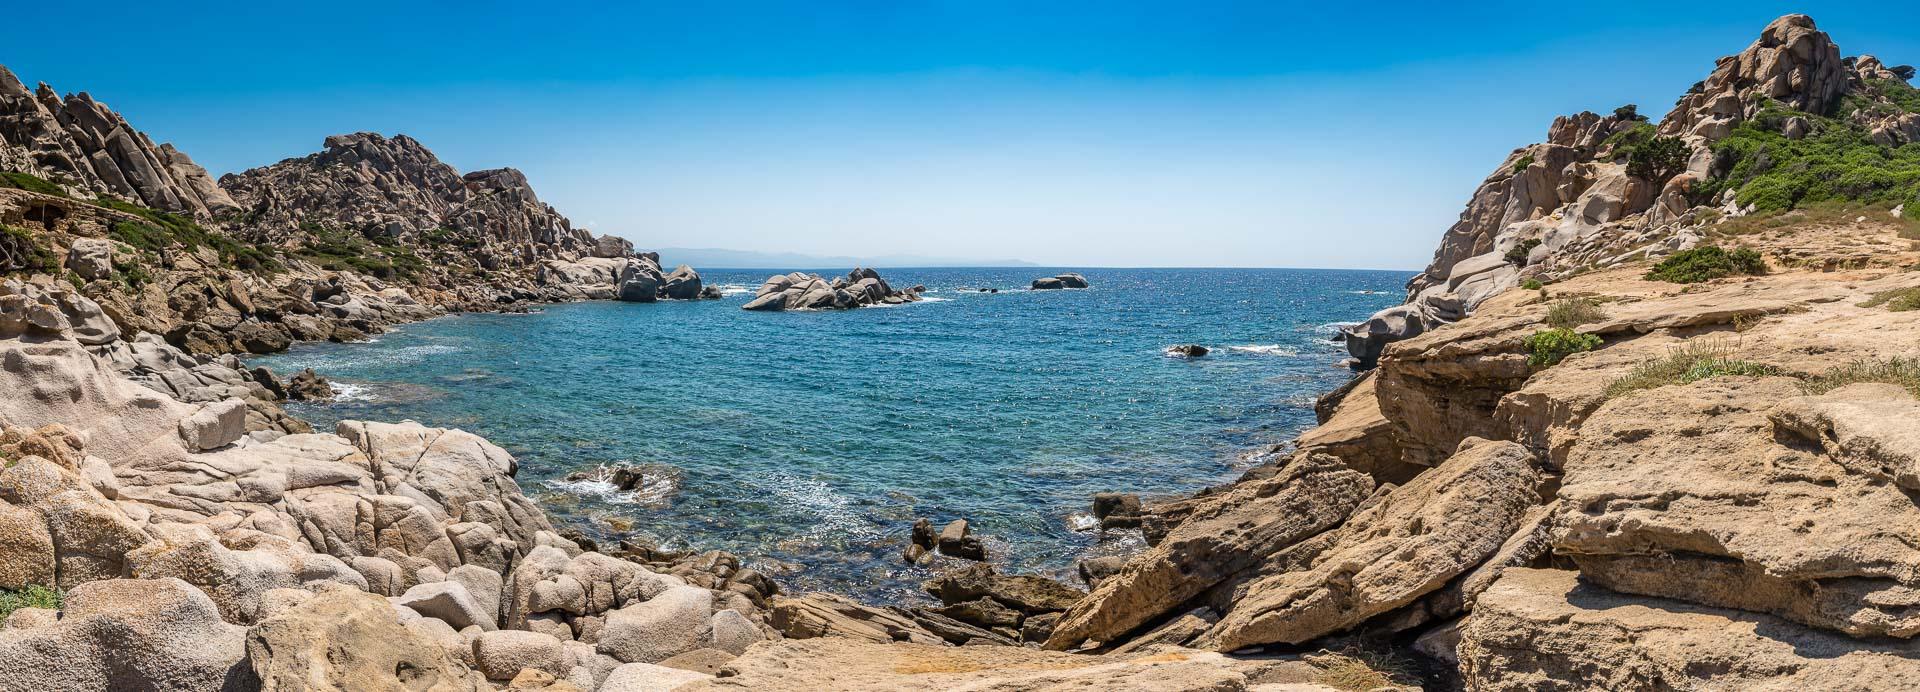 Zurück aus Sardinien, mit vielen Bildern im Gepäck.